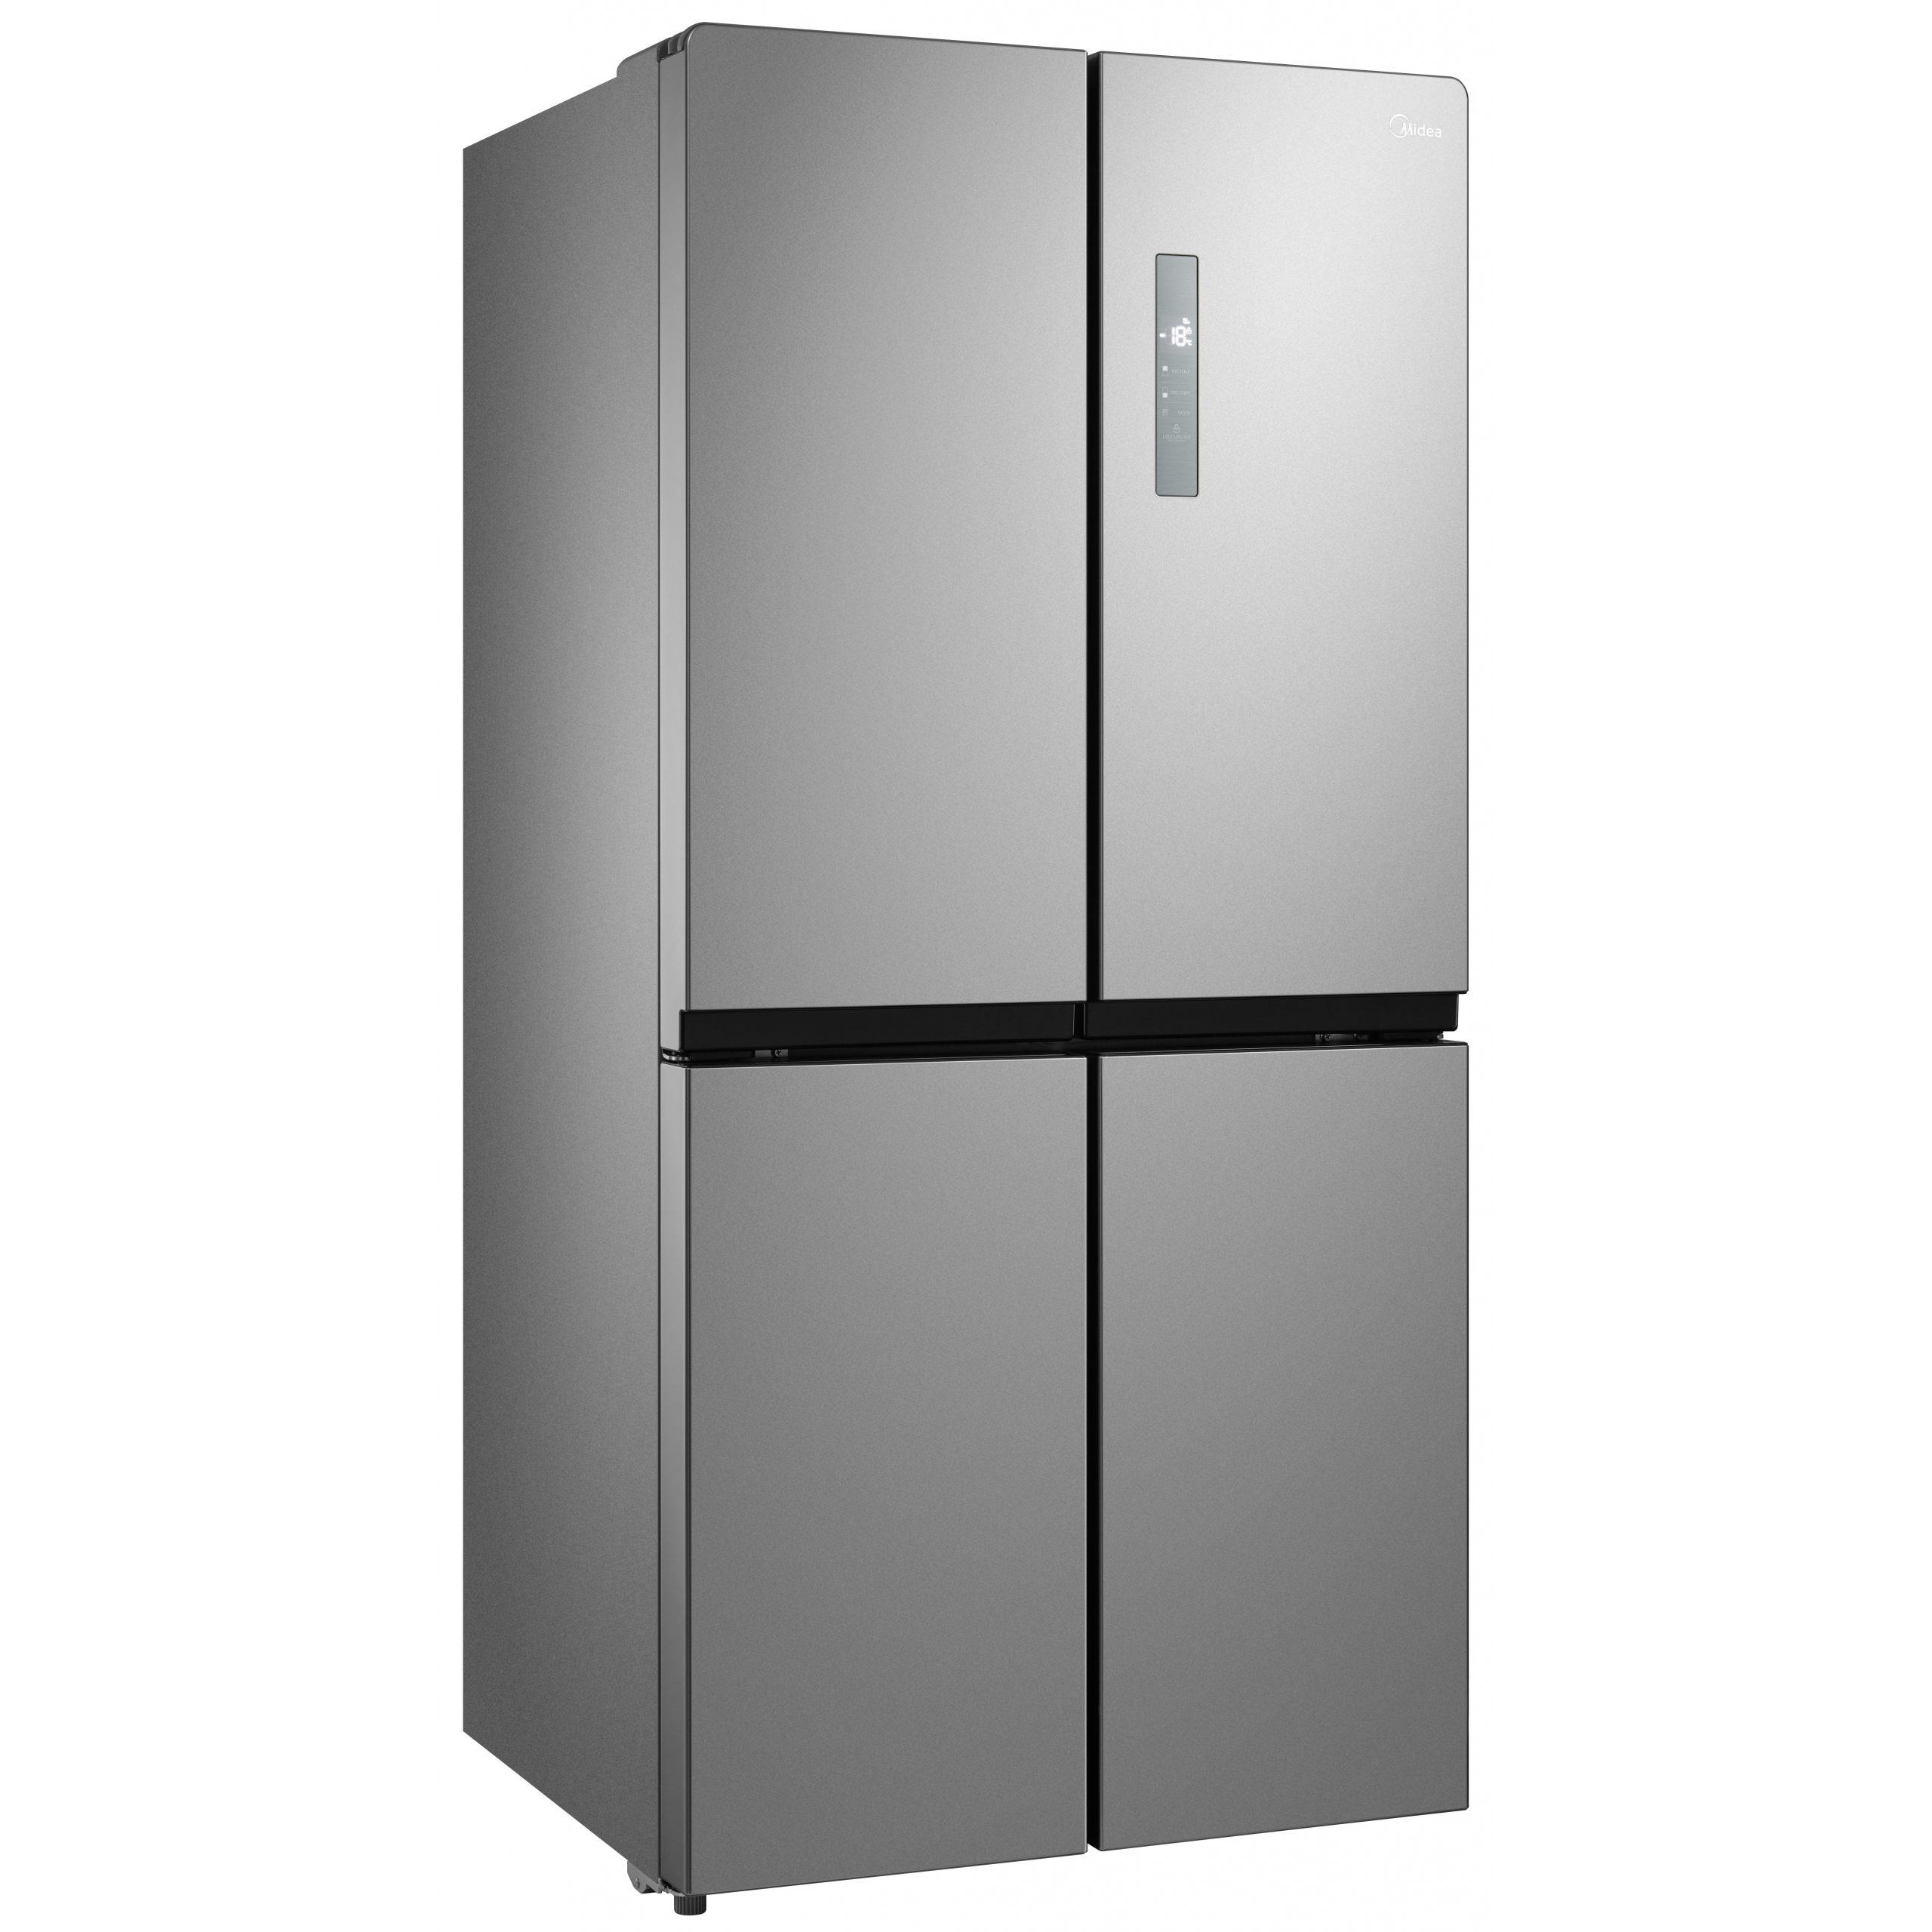 Ψυγείο Ντουλάπα Midea MDRF648FGE02